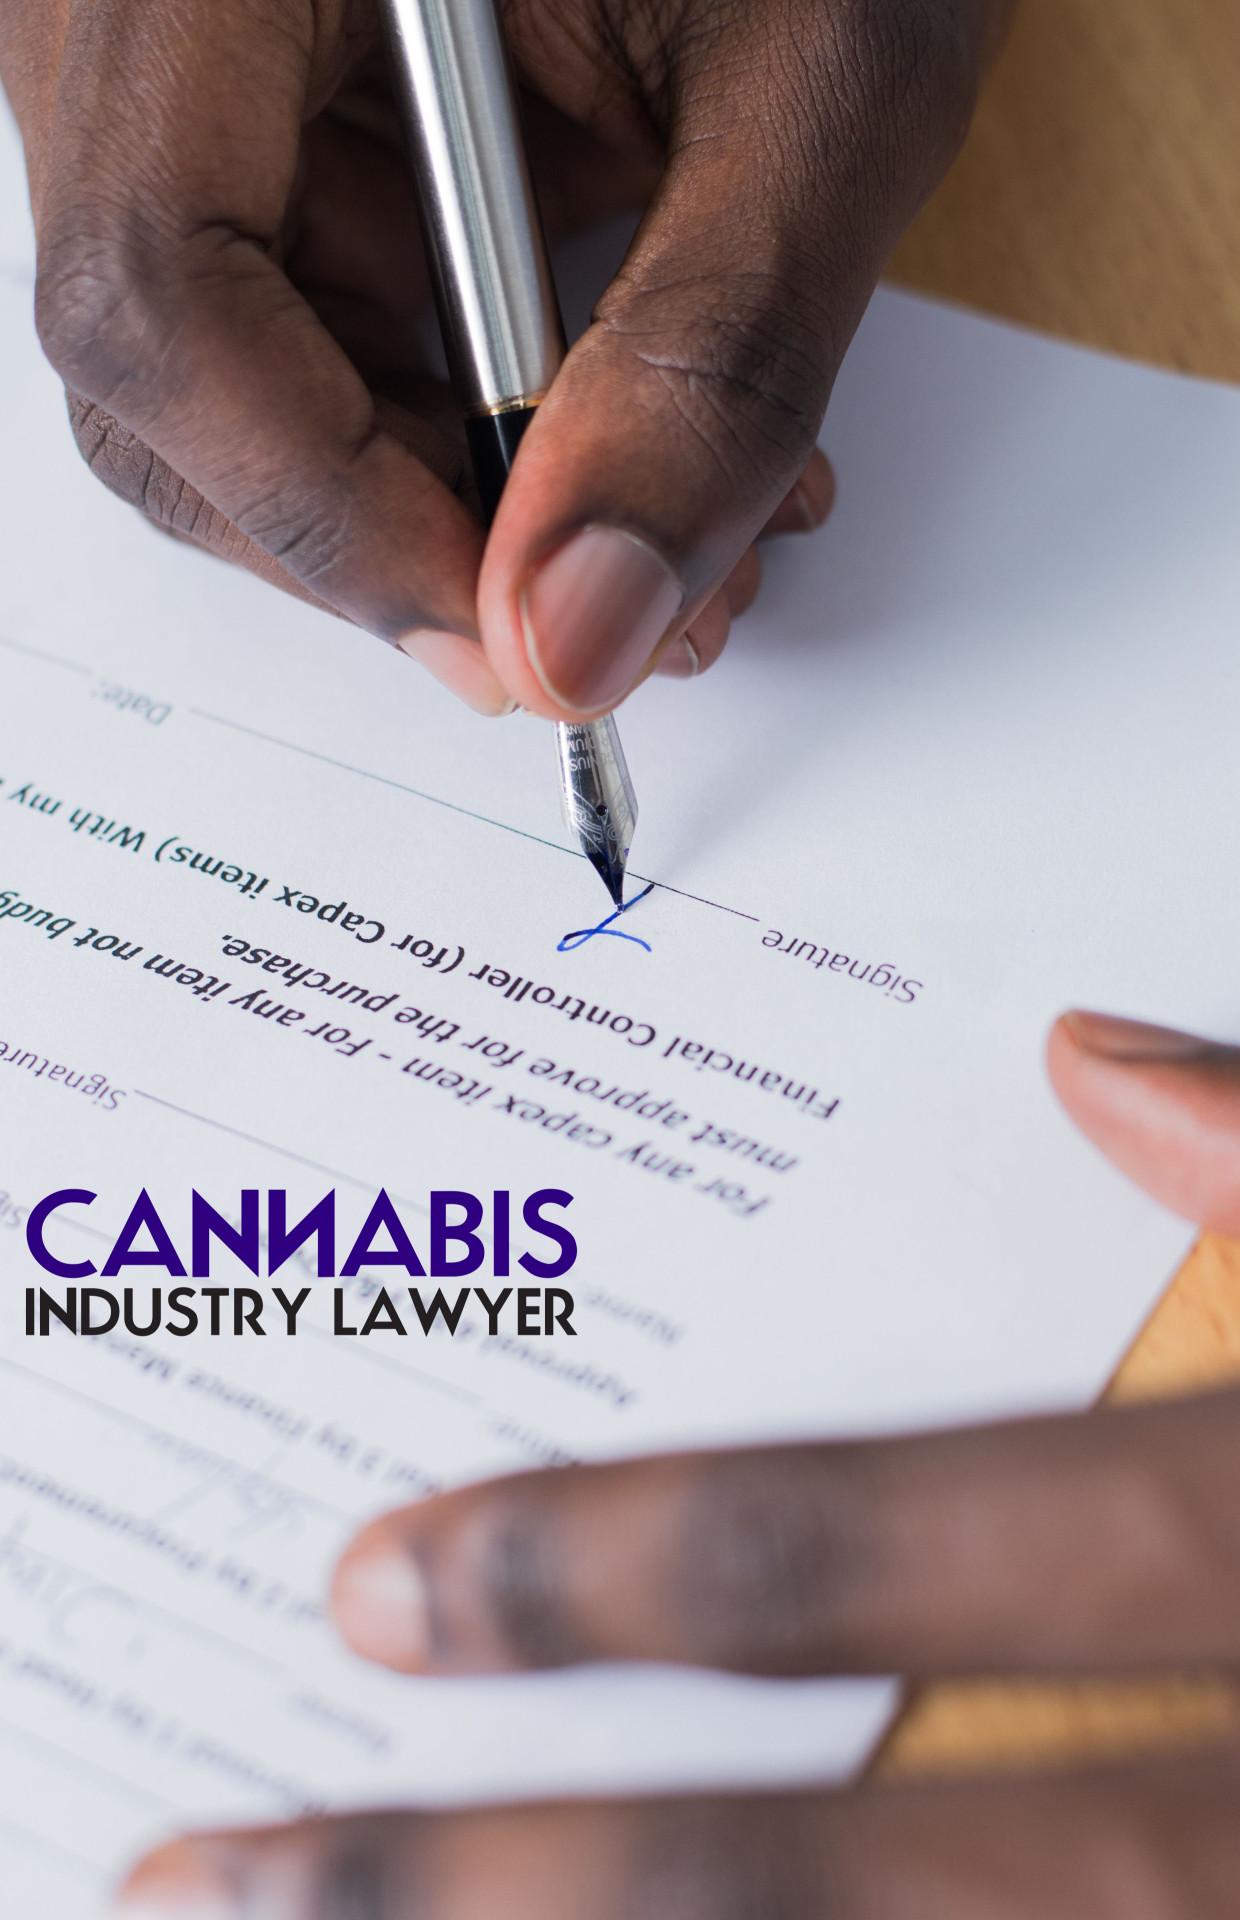 Licencia de entrega de cannabis de Massachusetts